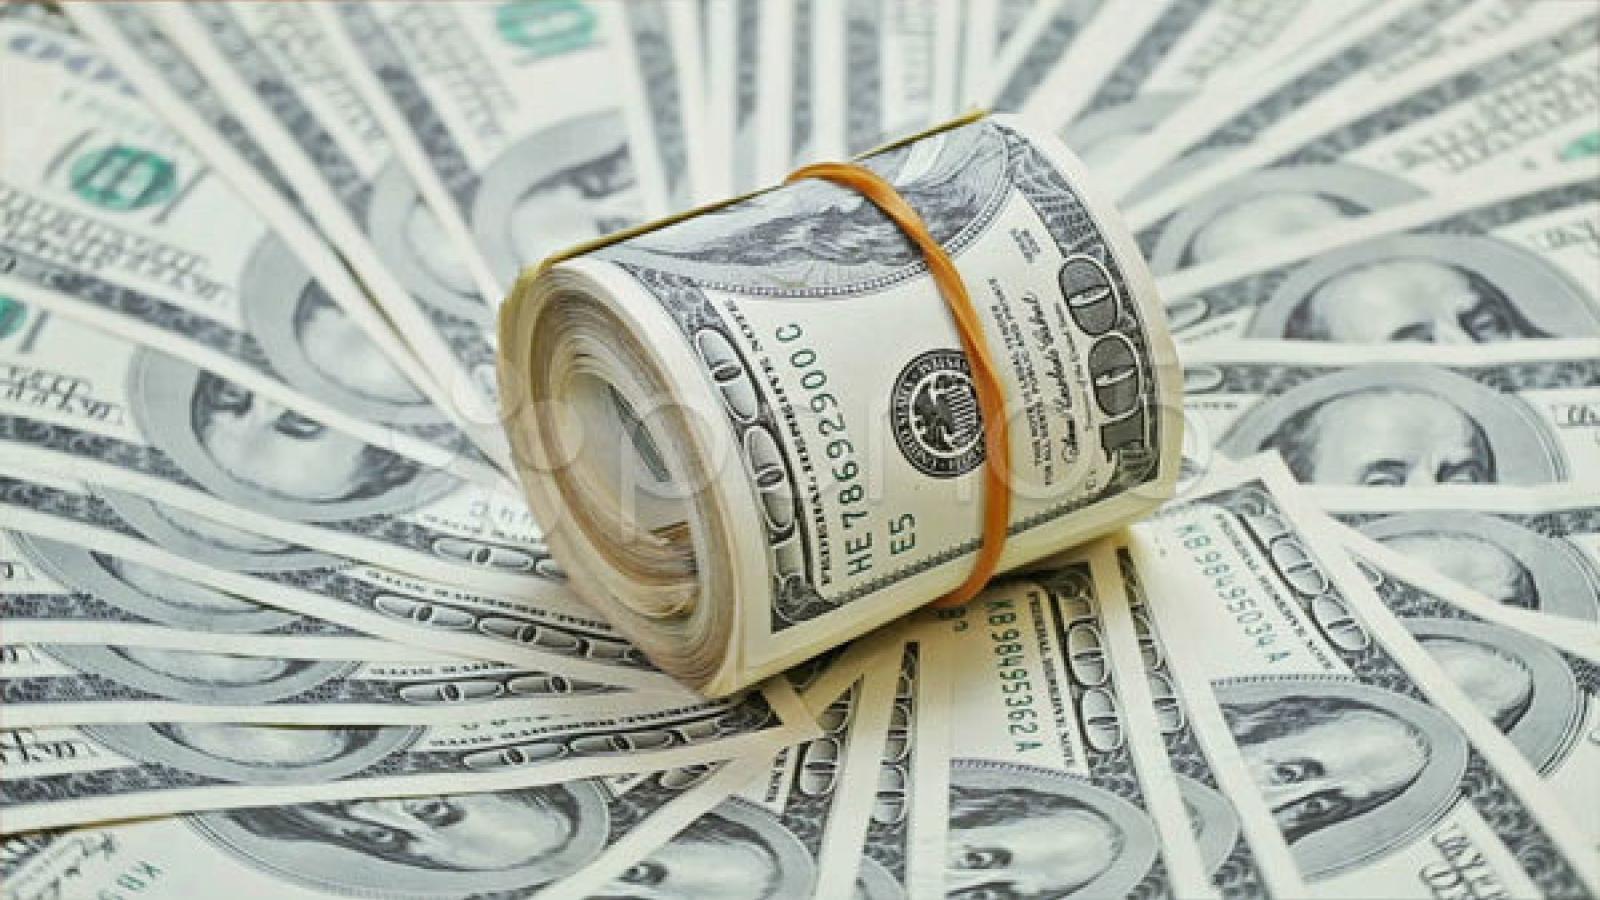 Giá USD ít biến động trong phiên giao dịch đầu tuần